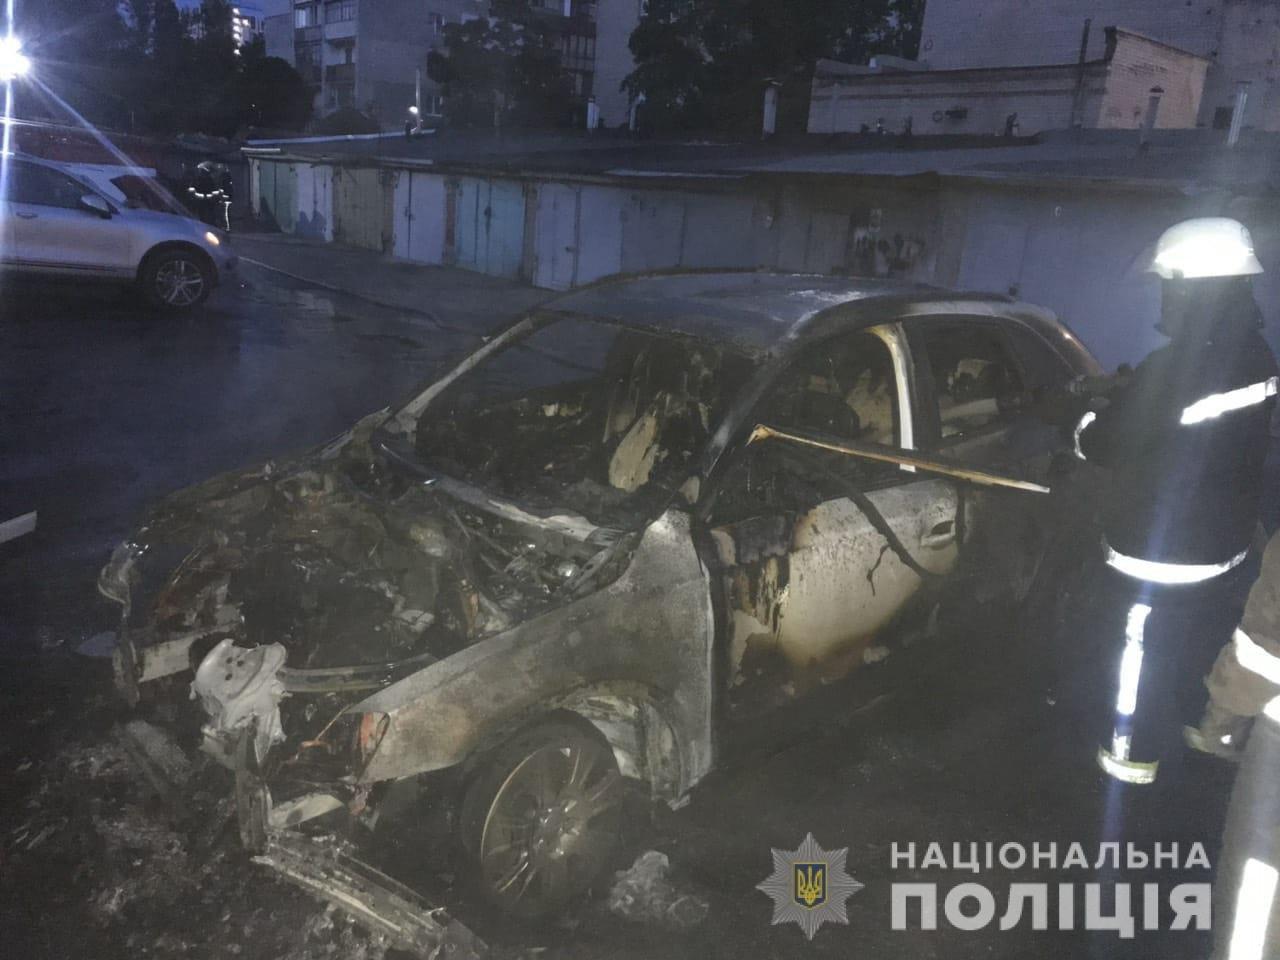 На Харьковщине горели две «легковушки» и микроавтобус, который подожгли неизвестные, - ФОТО, фото-2